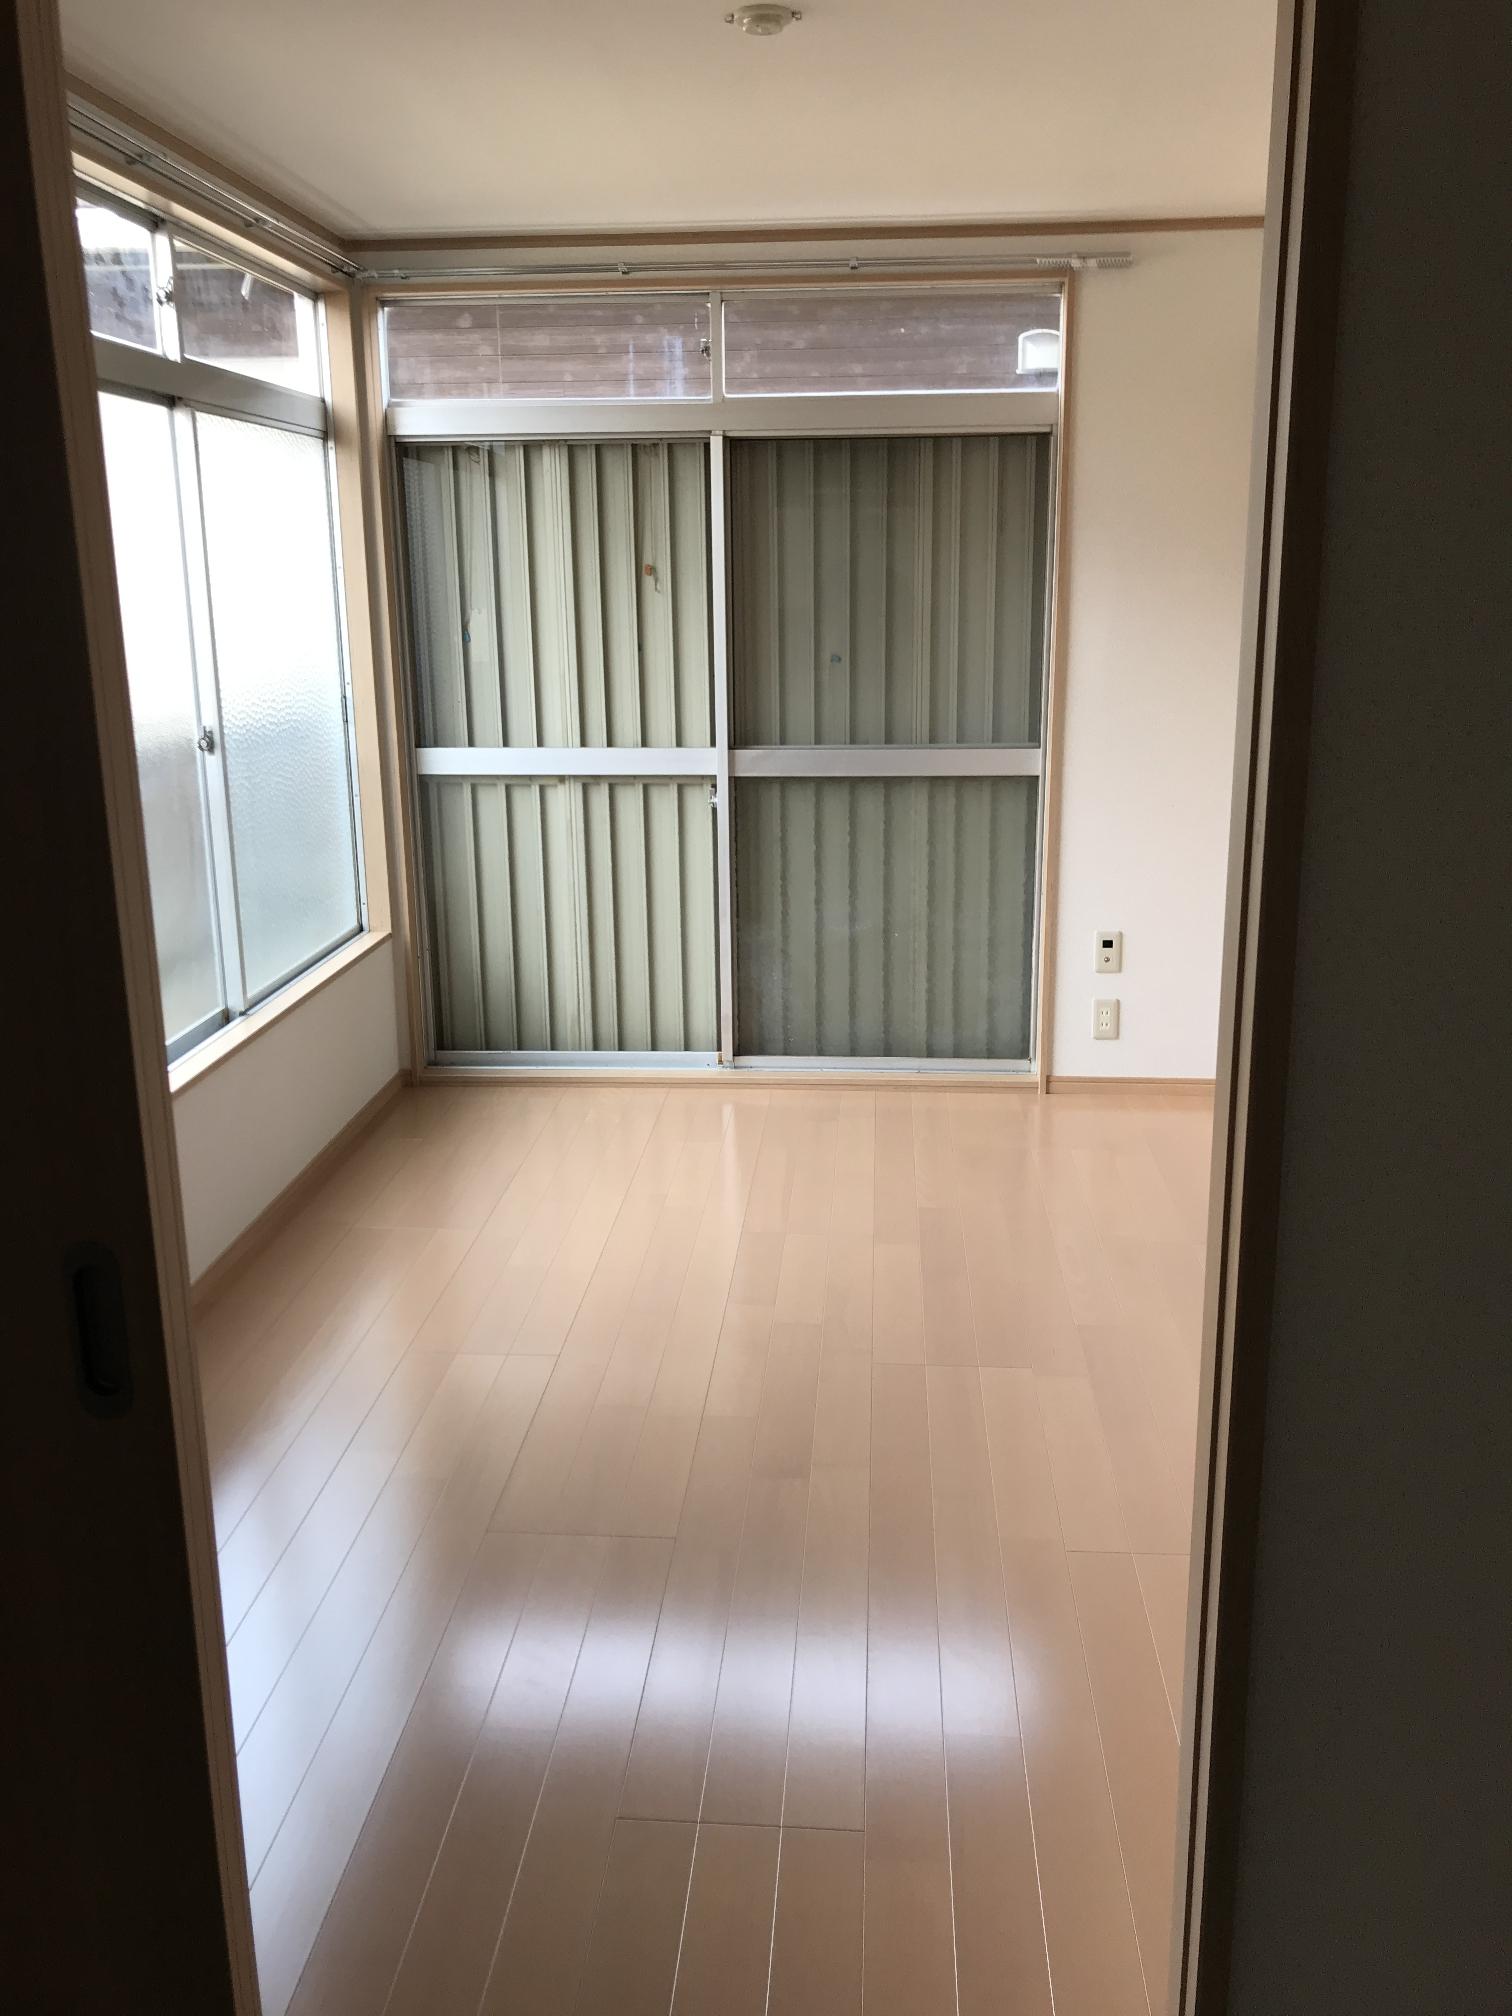 ゴミ屋敷の片付け~内装原状回復工事 北本市 その2